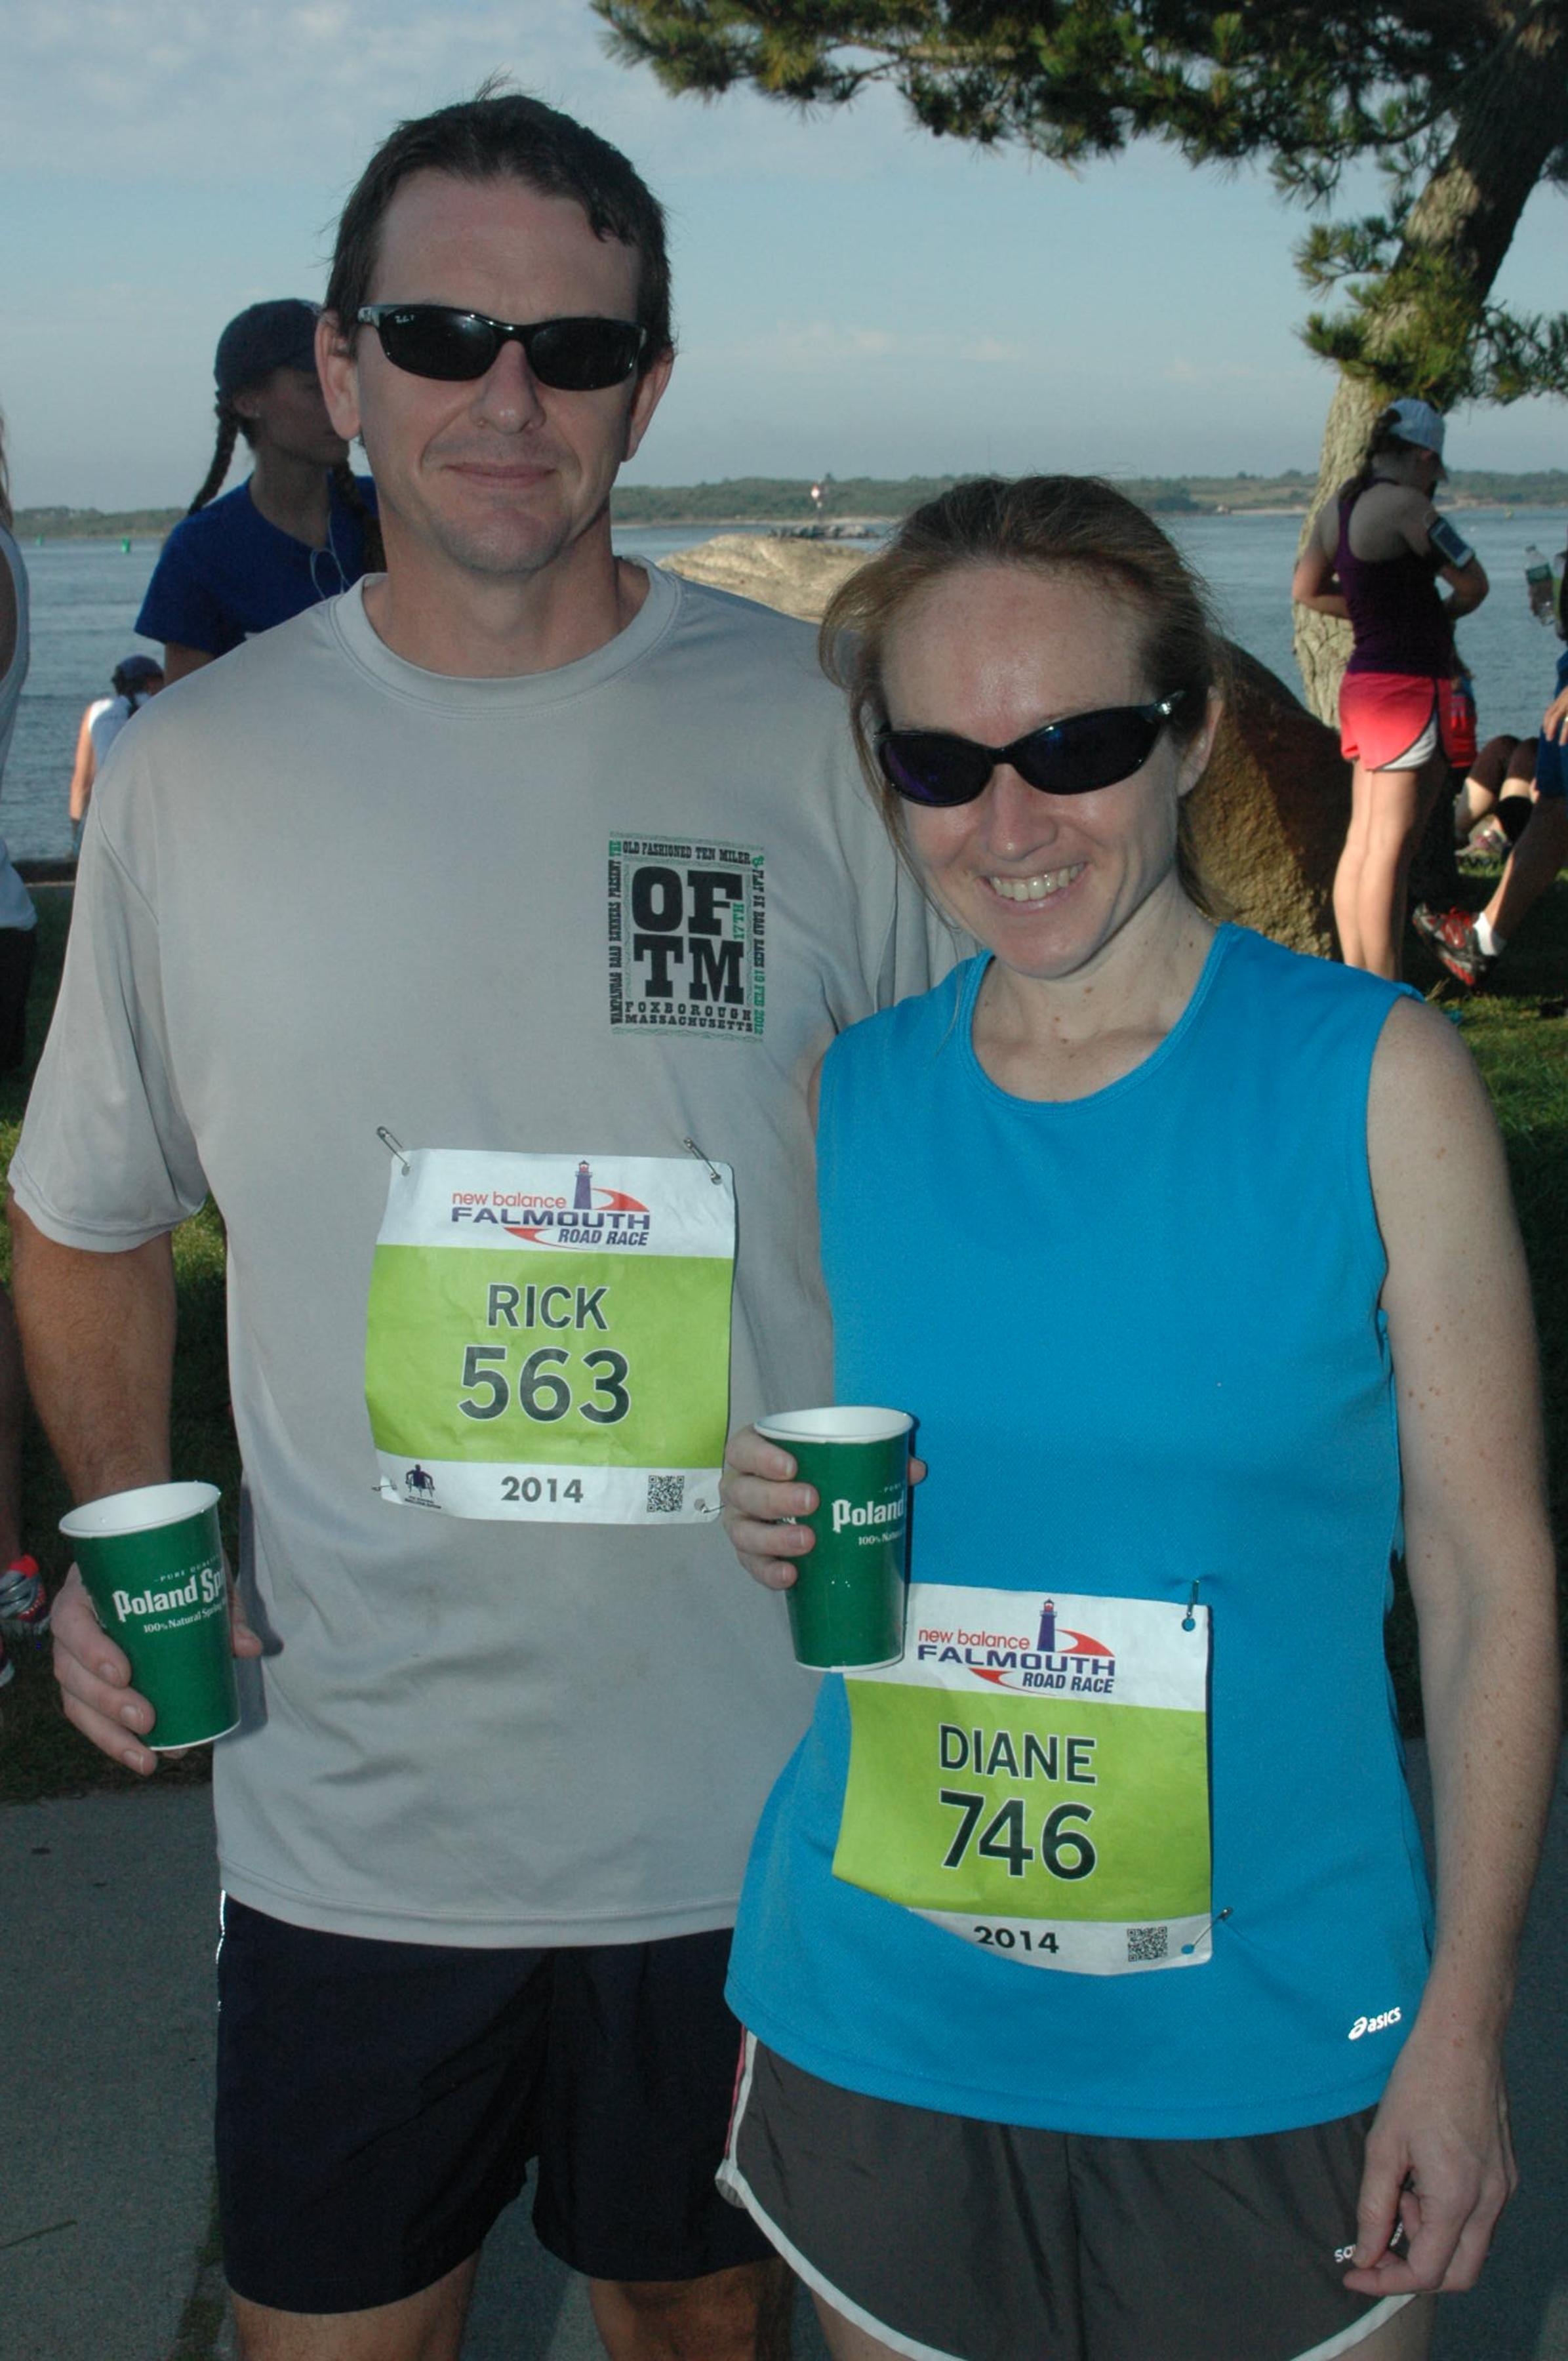 Rick and Diane at Falmouth 2014